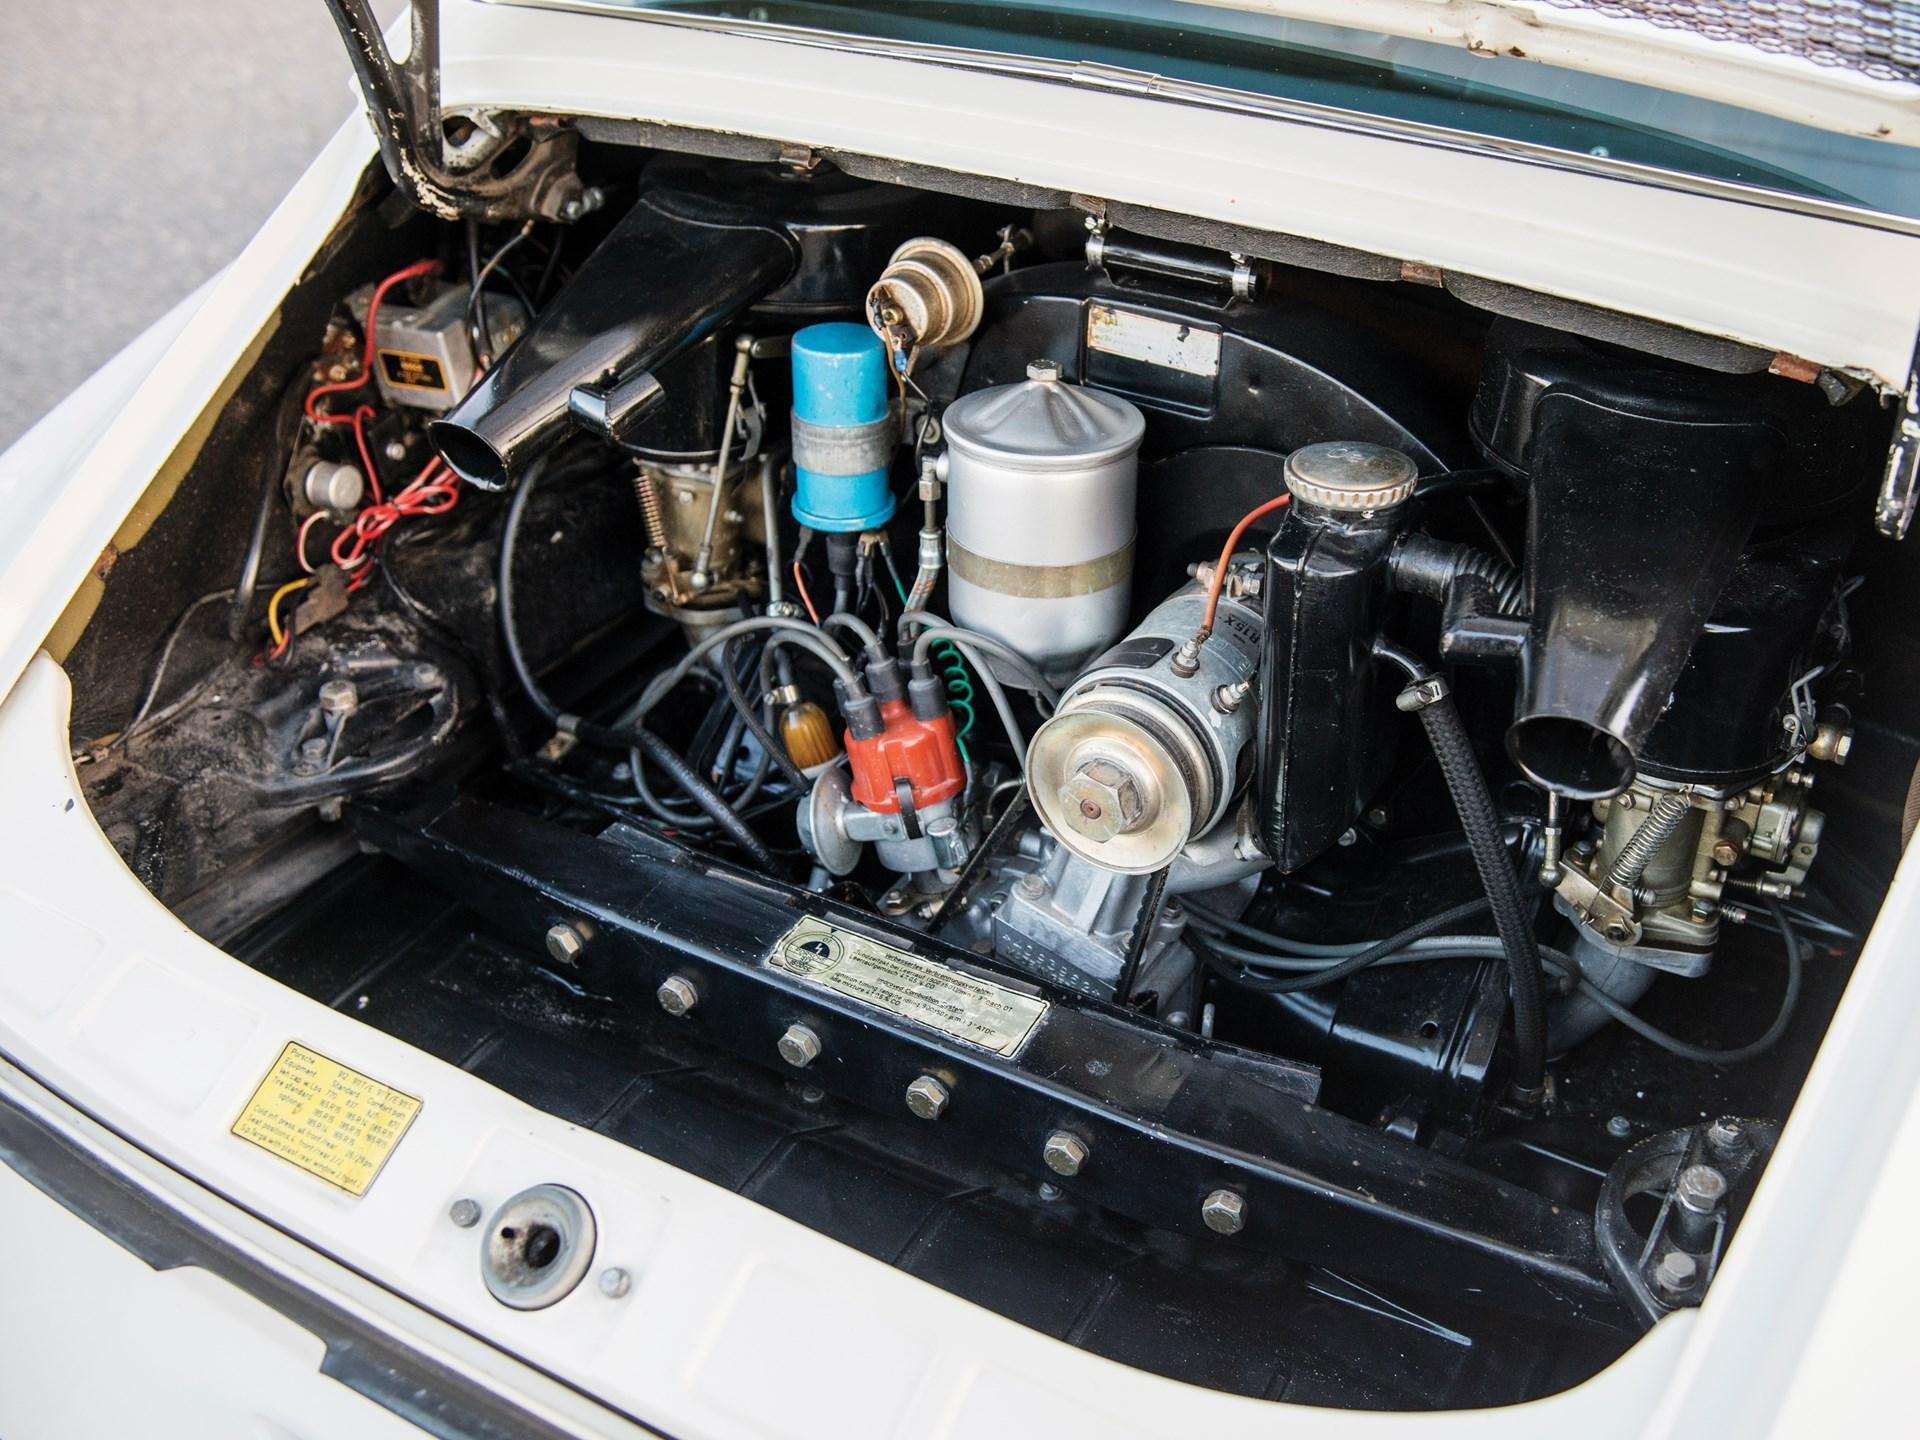 1969 Porsche 912 engine